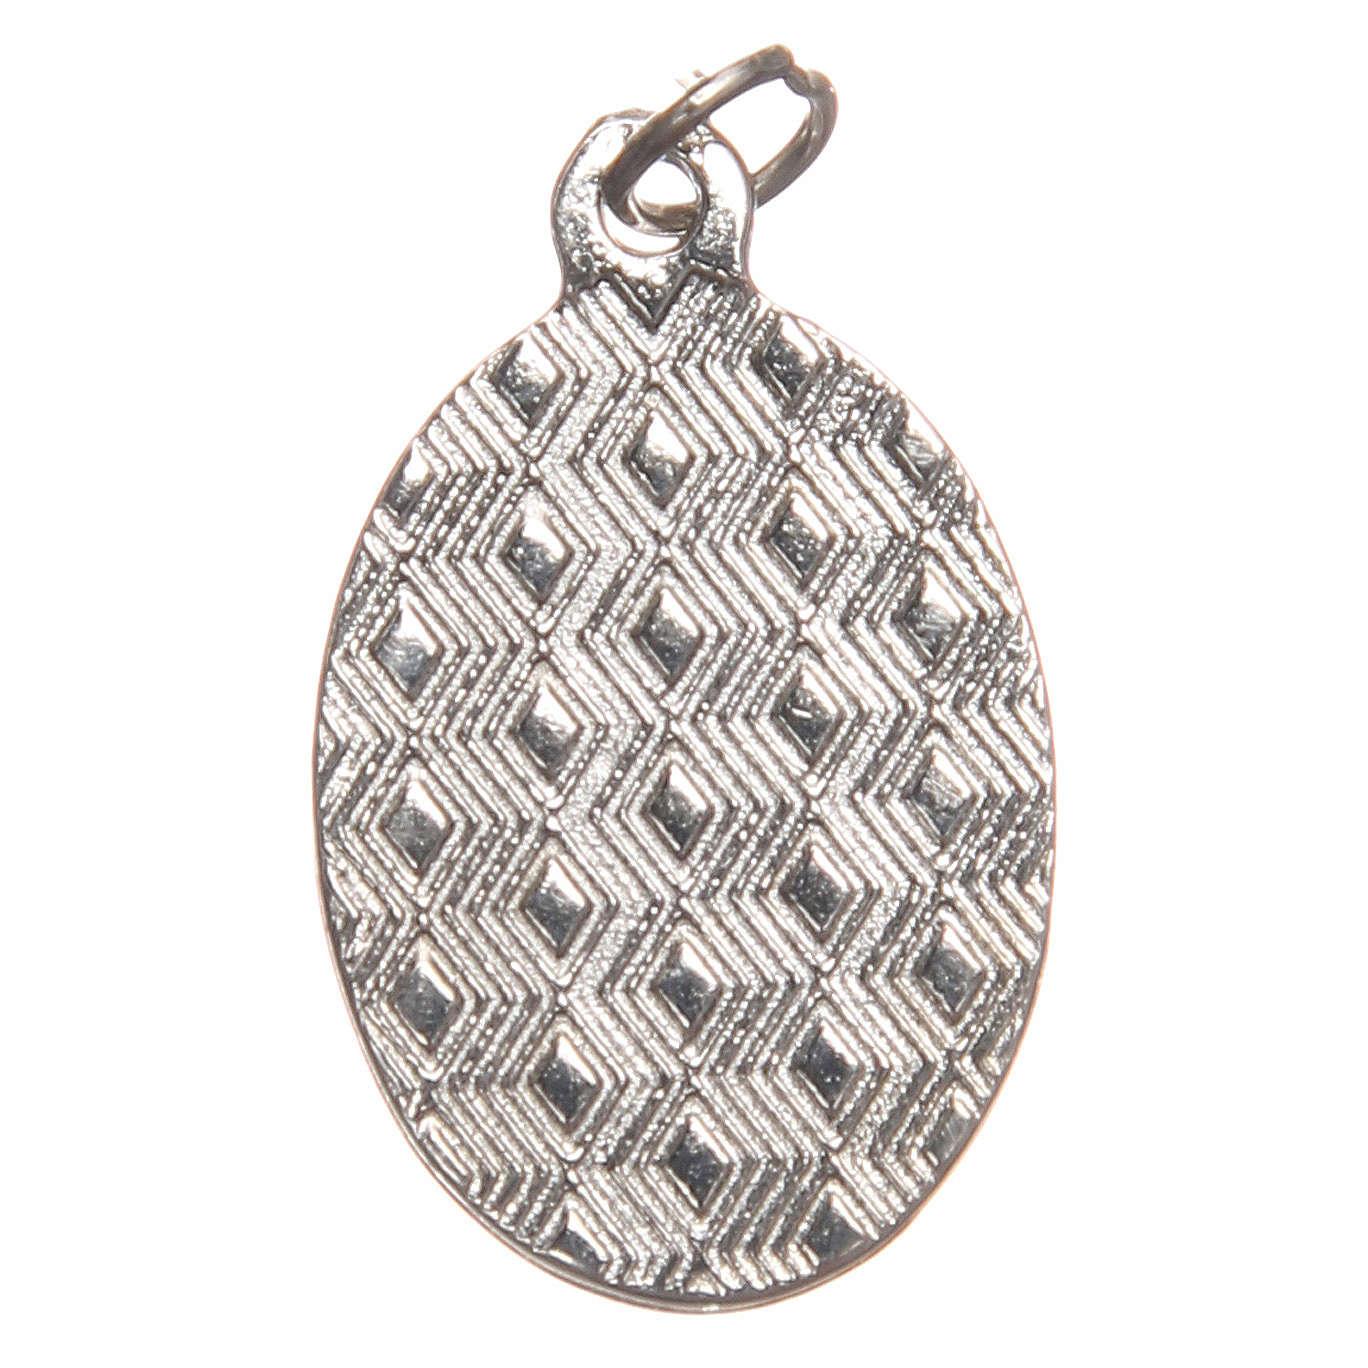 STOCK Medalha Última Ceia metal niquelado resina 2,5 cm 4